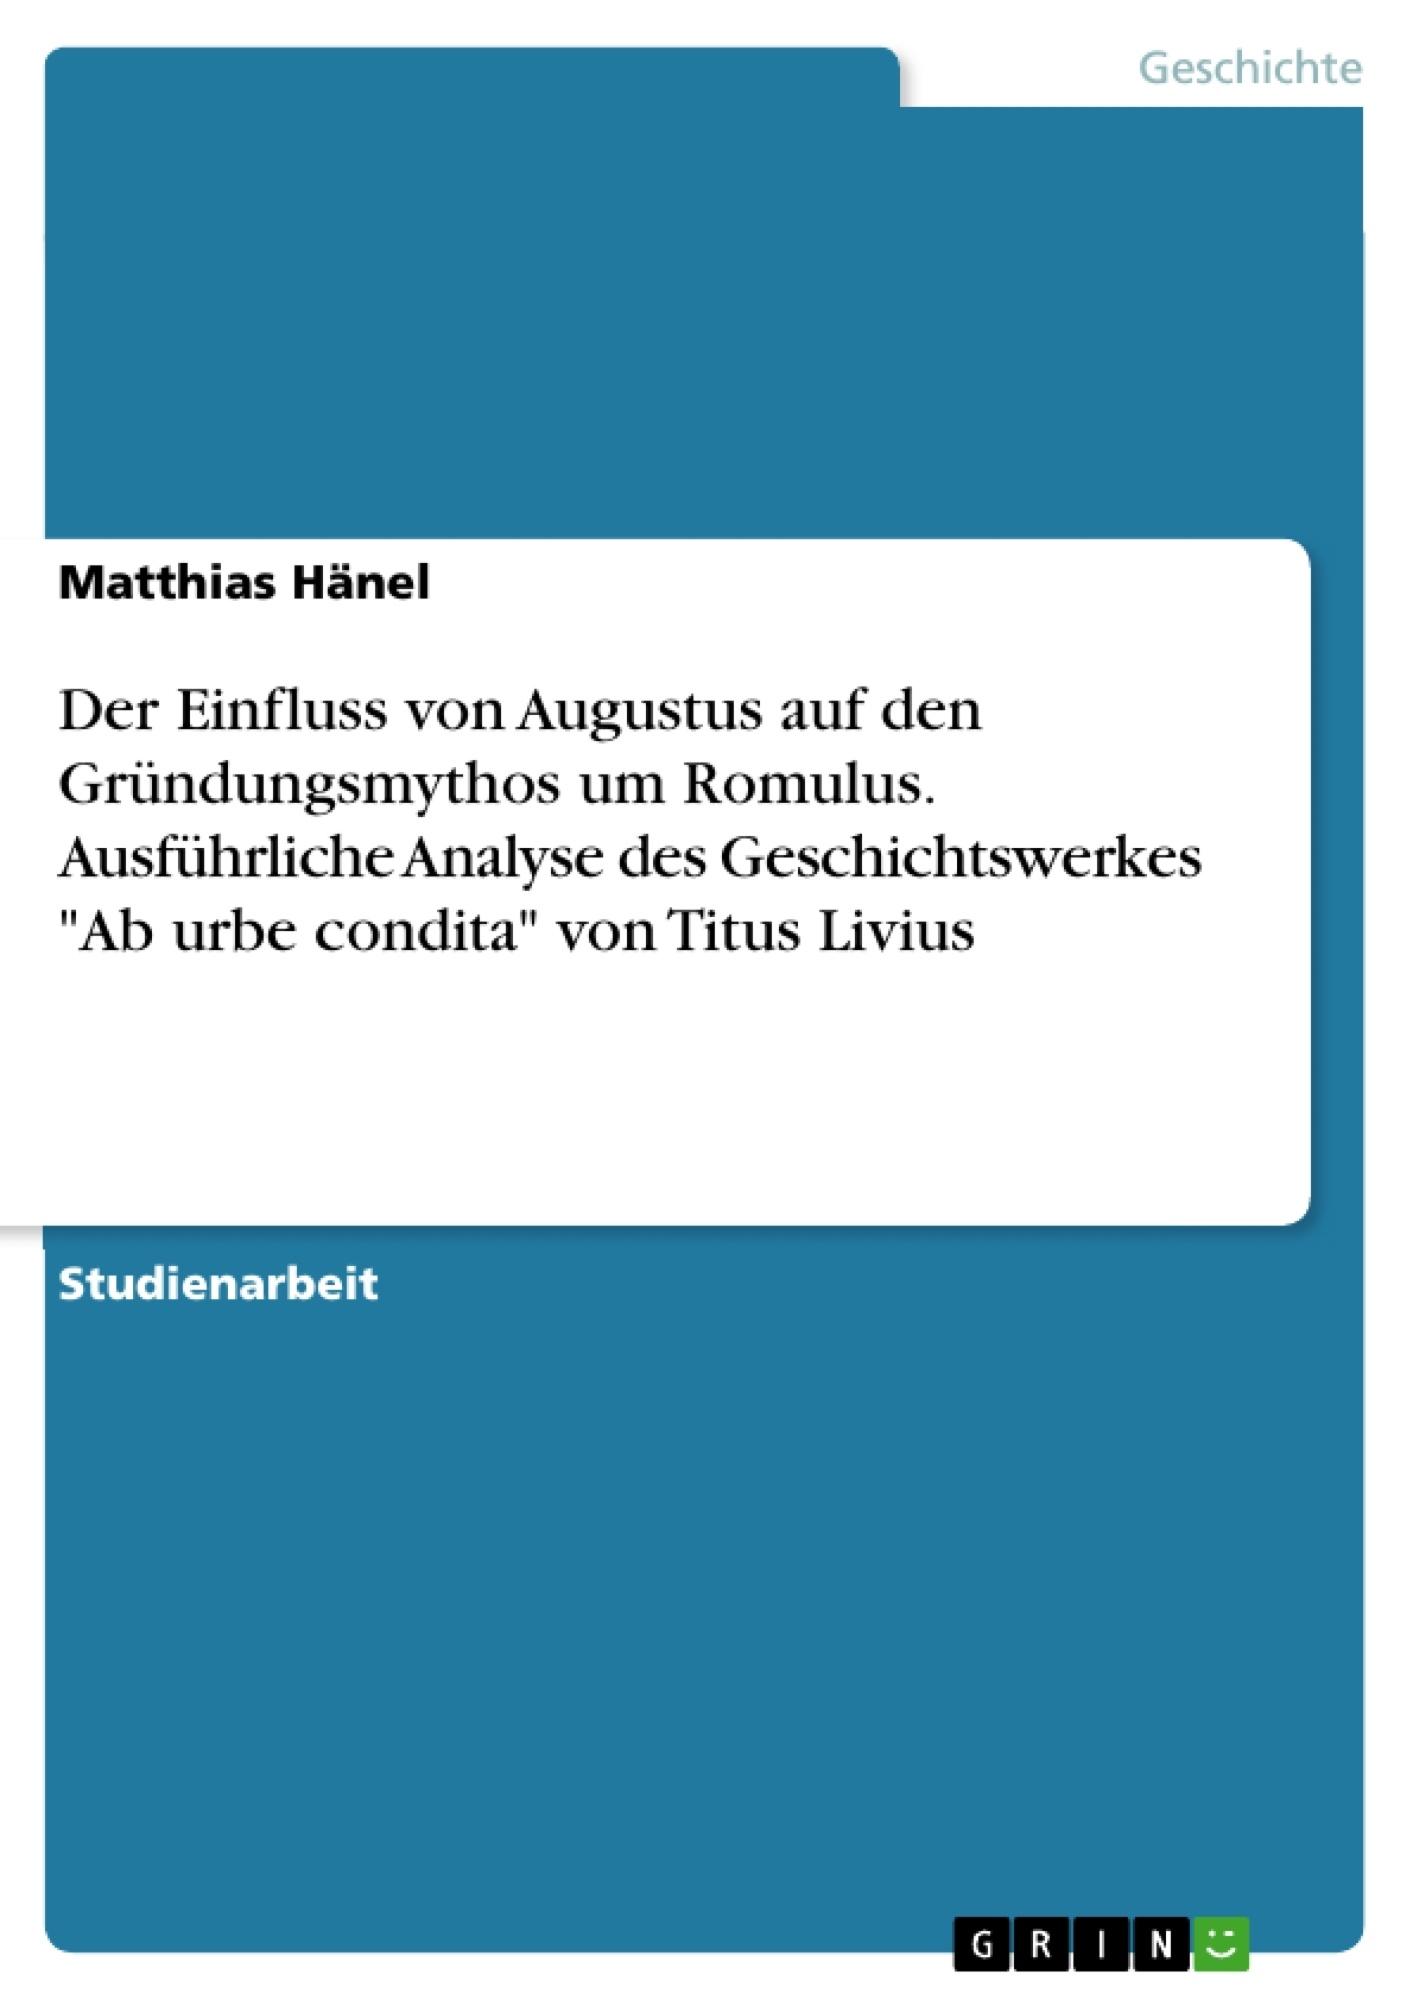 """Titel: Der Einfluss von Augustus auf den Gründungsmythos um Romulus. Ausführliche Analyse des Geschichtswerkes """"Ab urbe condita"""" von Titus Livius"""